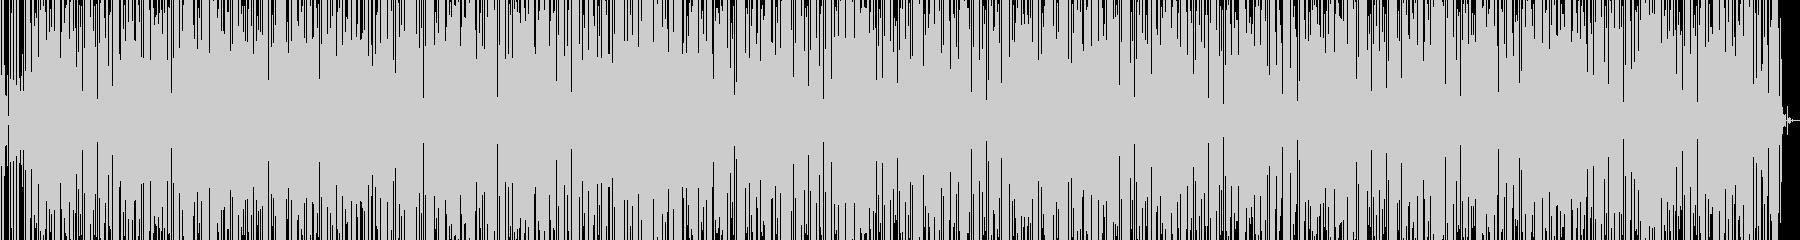 ルンバとファンクの融合したラテングルーヴの未再生の波形